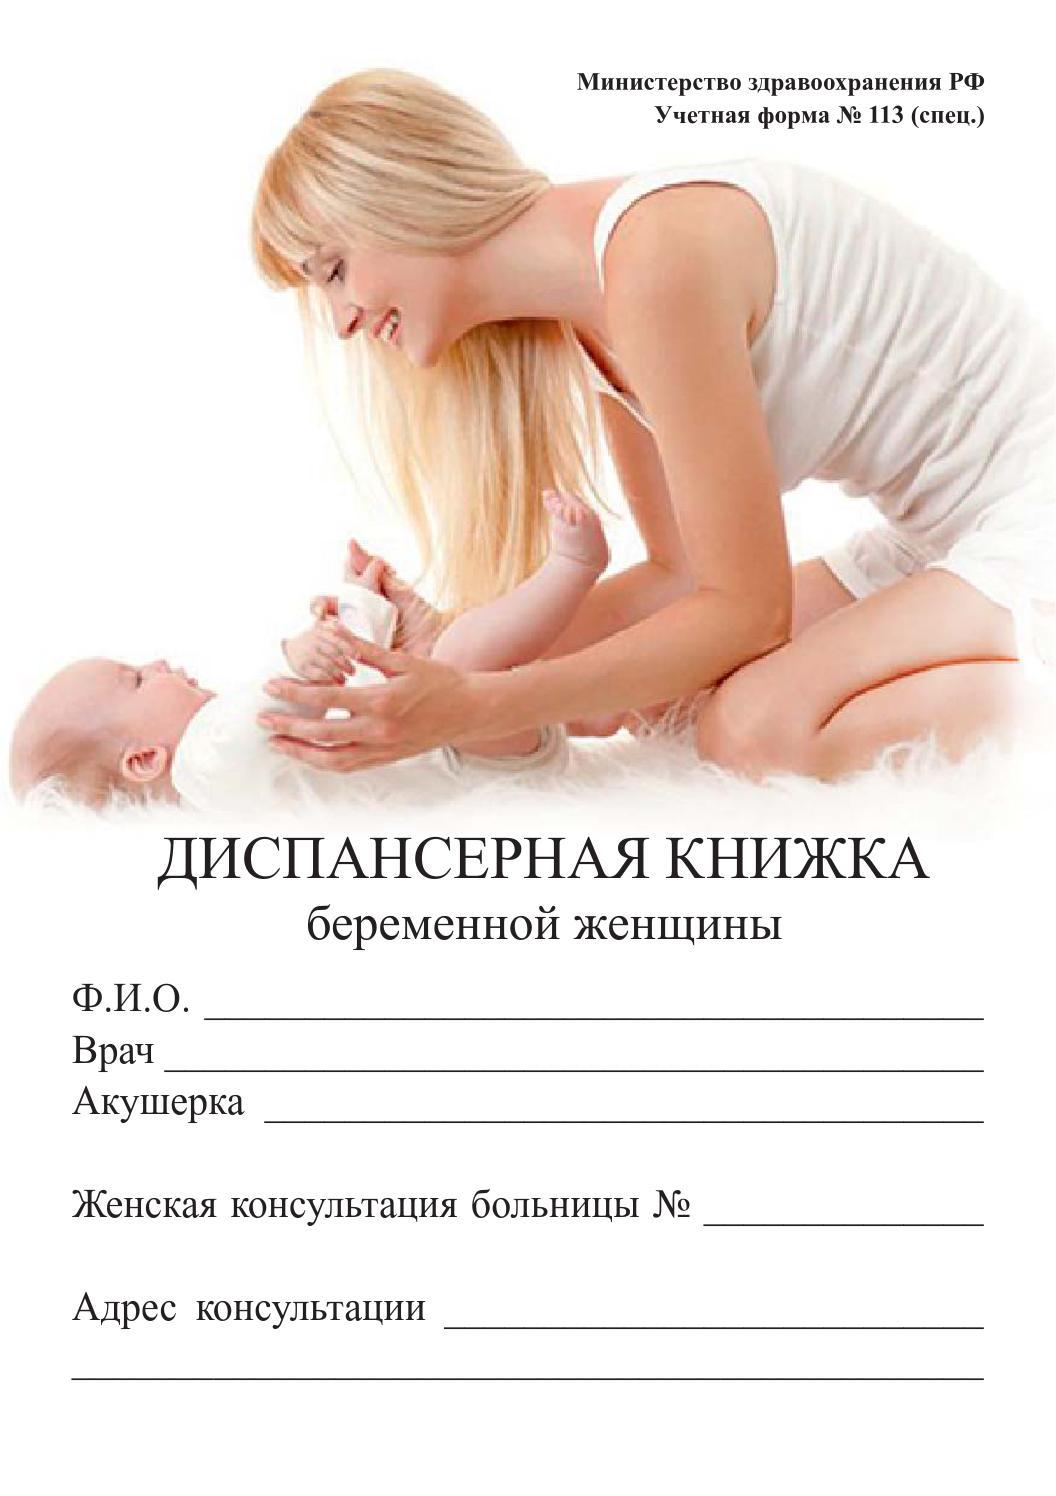 Книжка для беременных при постановке на учет